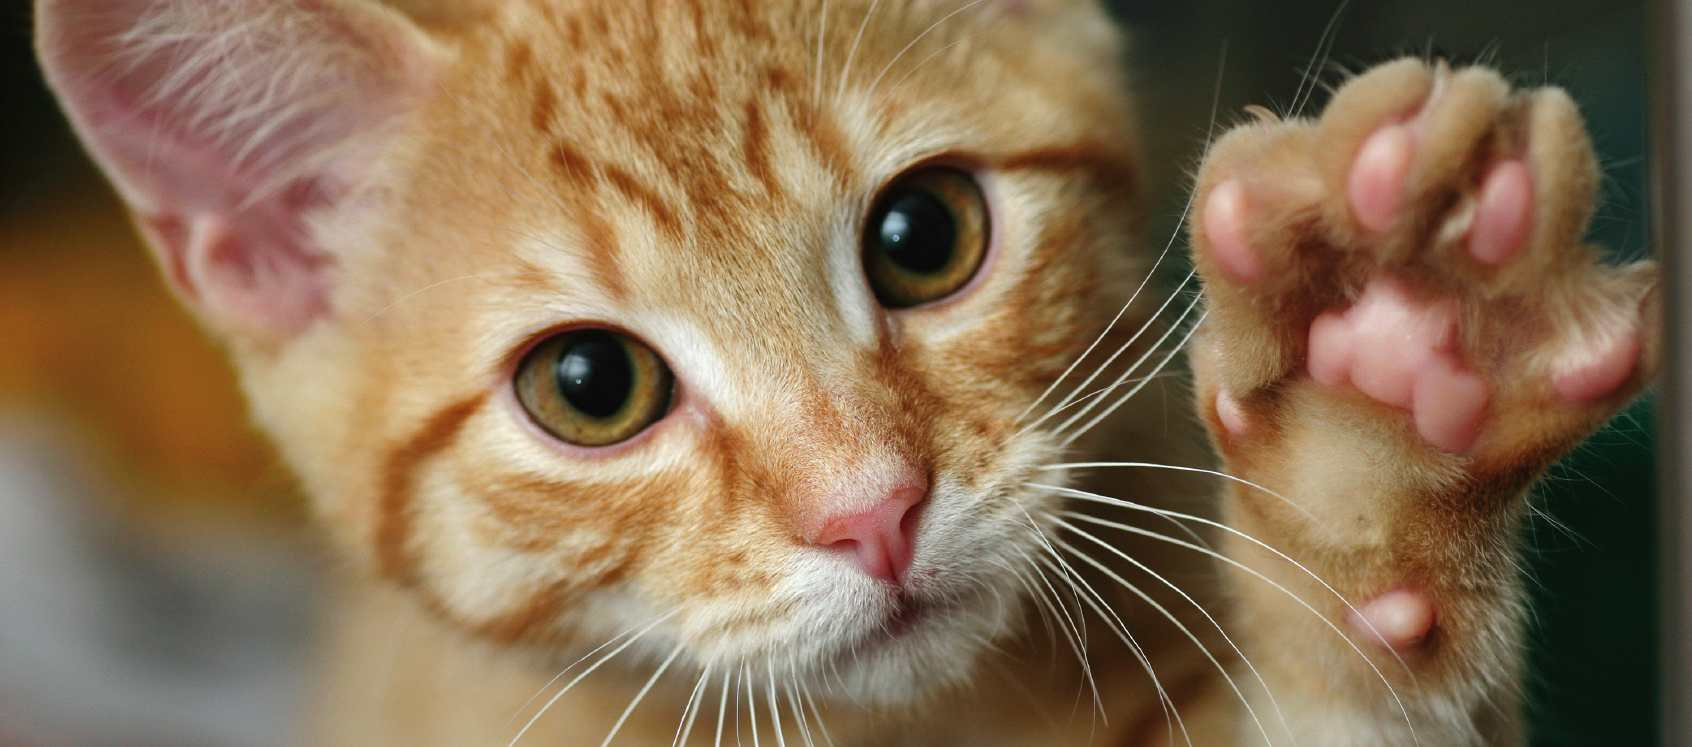 Il passo felpato del gatto - Gattissimi